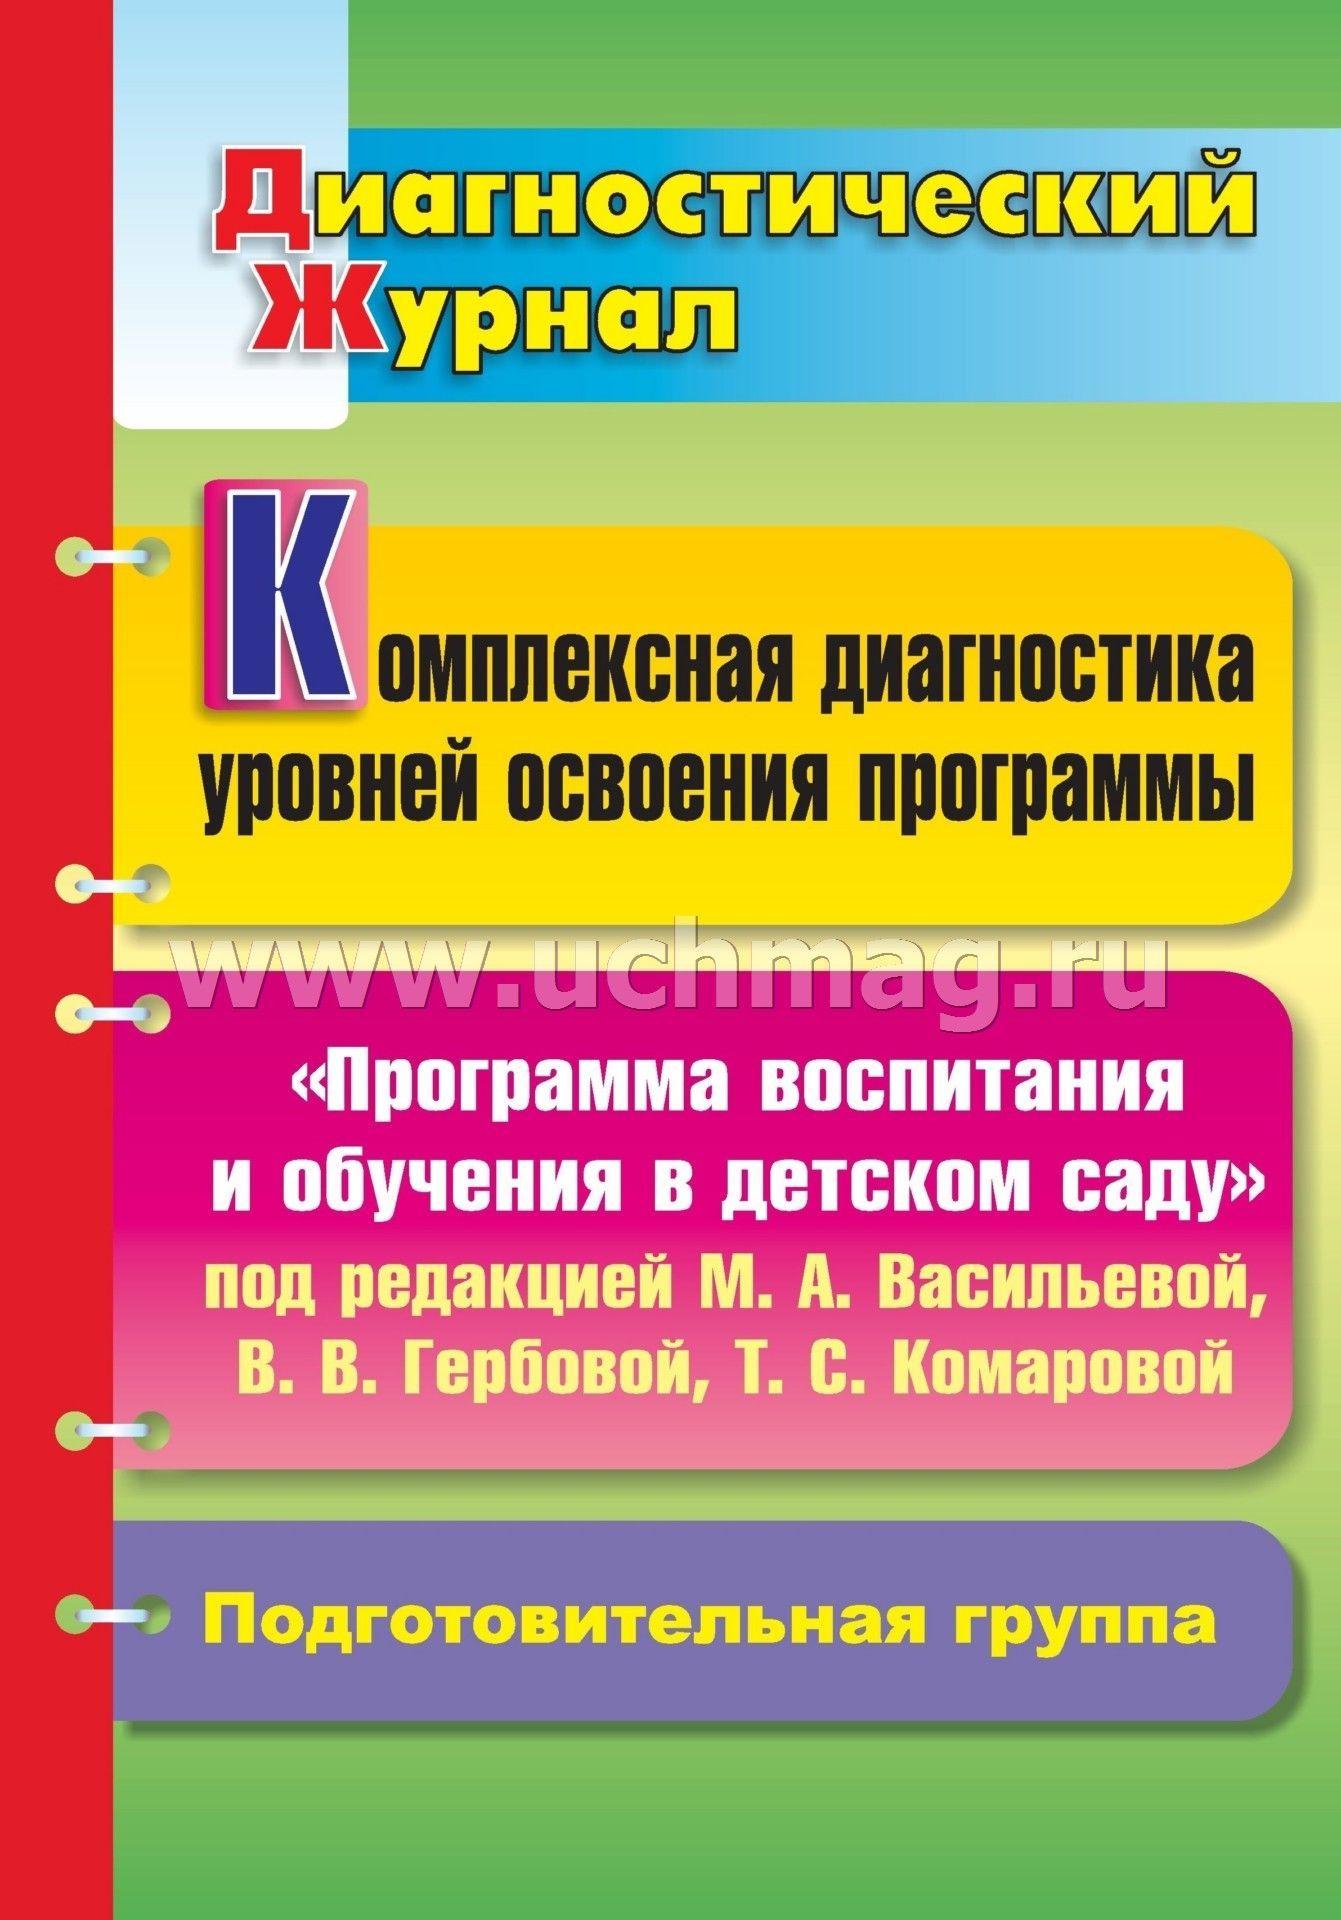 Программа воспитания и обучения в детском саду в.в.гербова